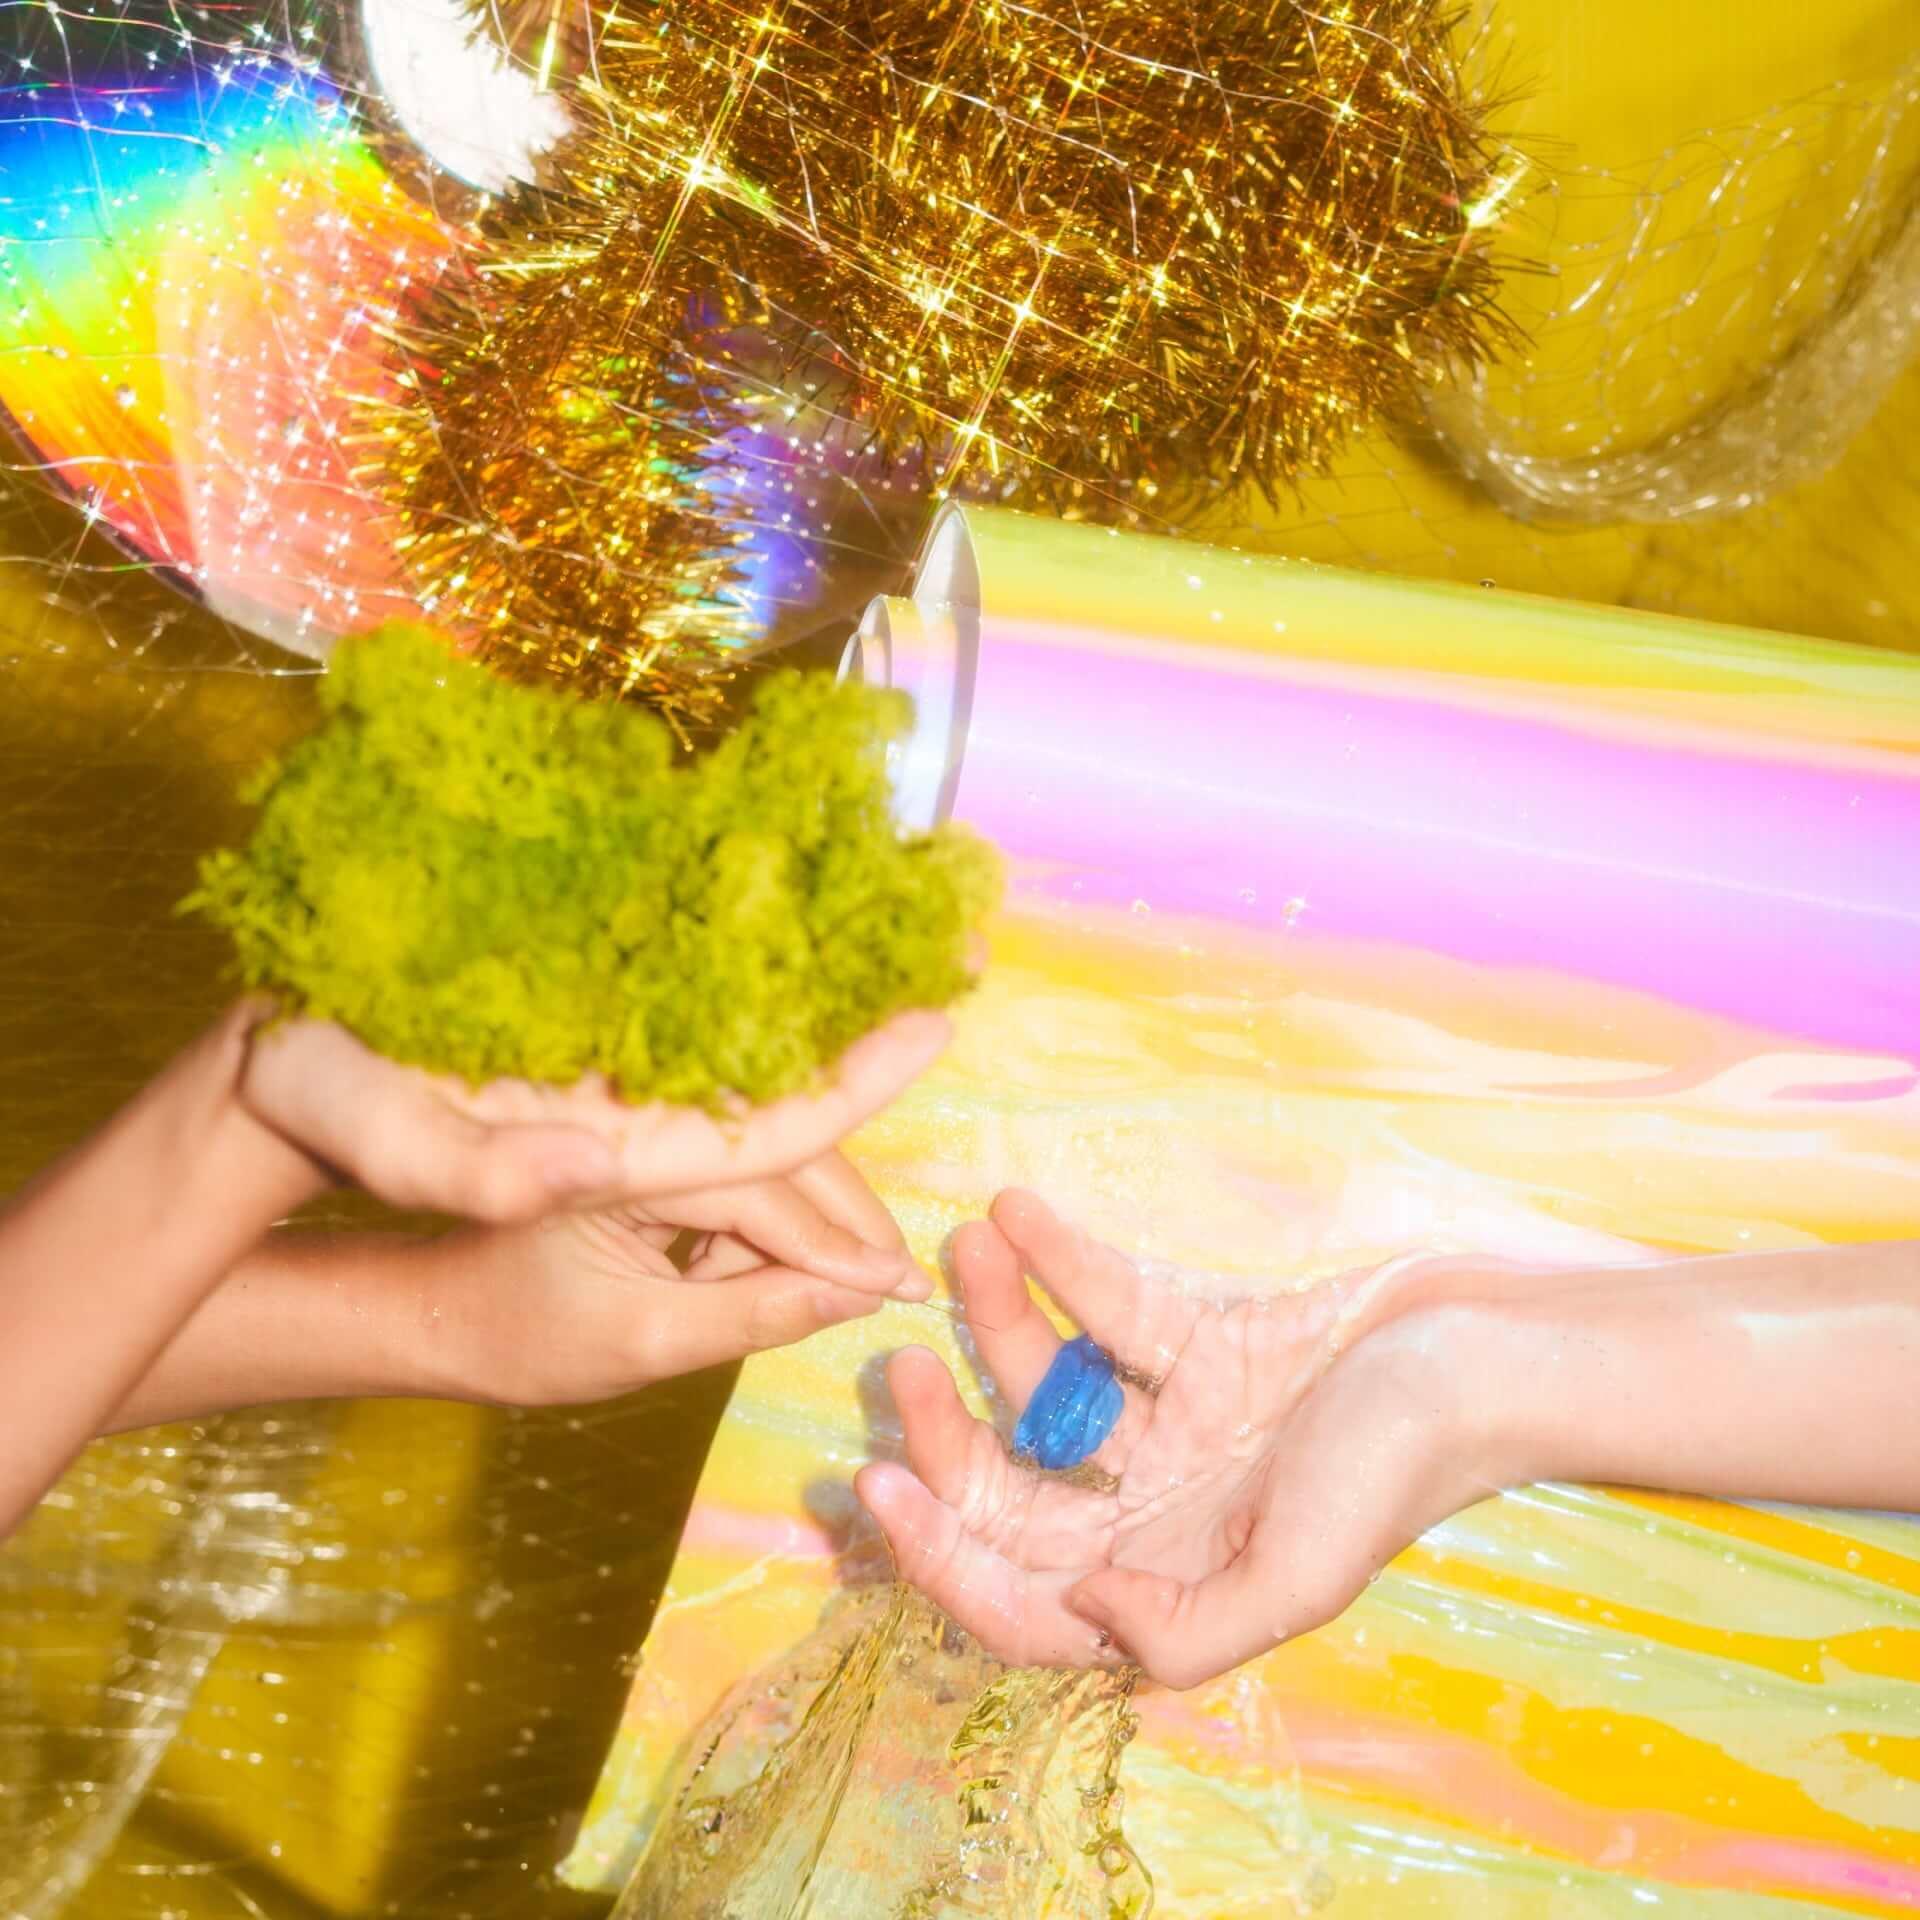 中村佳穂の6都市を周る初の全国ツアーが開催決定!『AINOU』の購入者プレゼントキャンペーンも実施 music210716_nakamurakaho_5